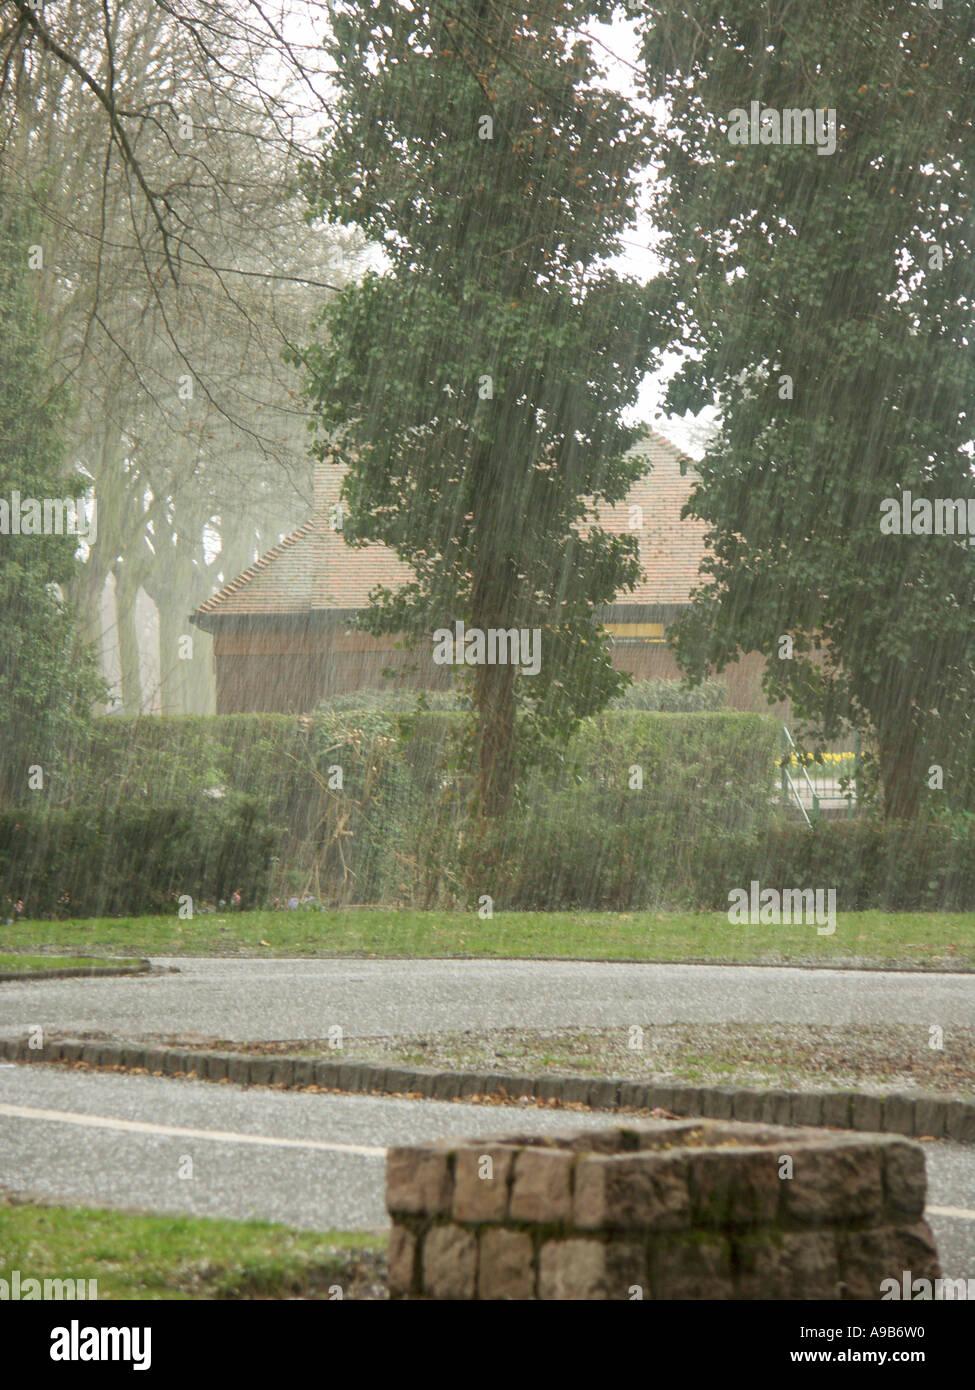 April Hail Storm 1 - Stock Image